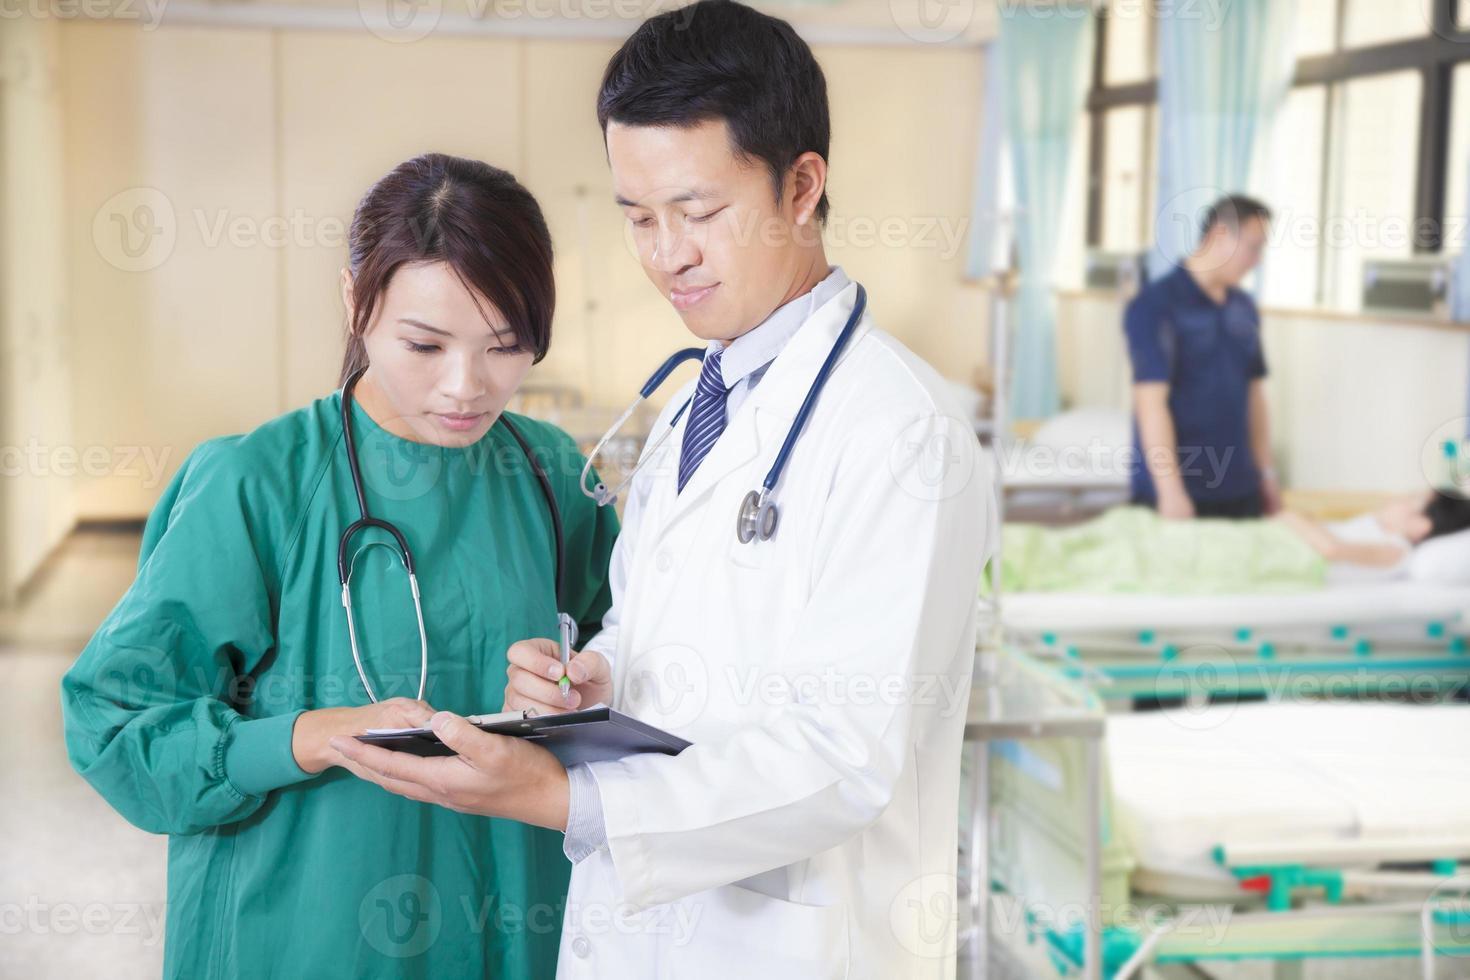 médico y asistente están discutiendo la situación de la niña foto